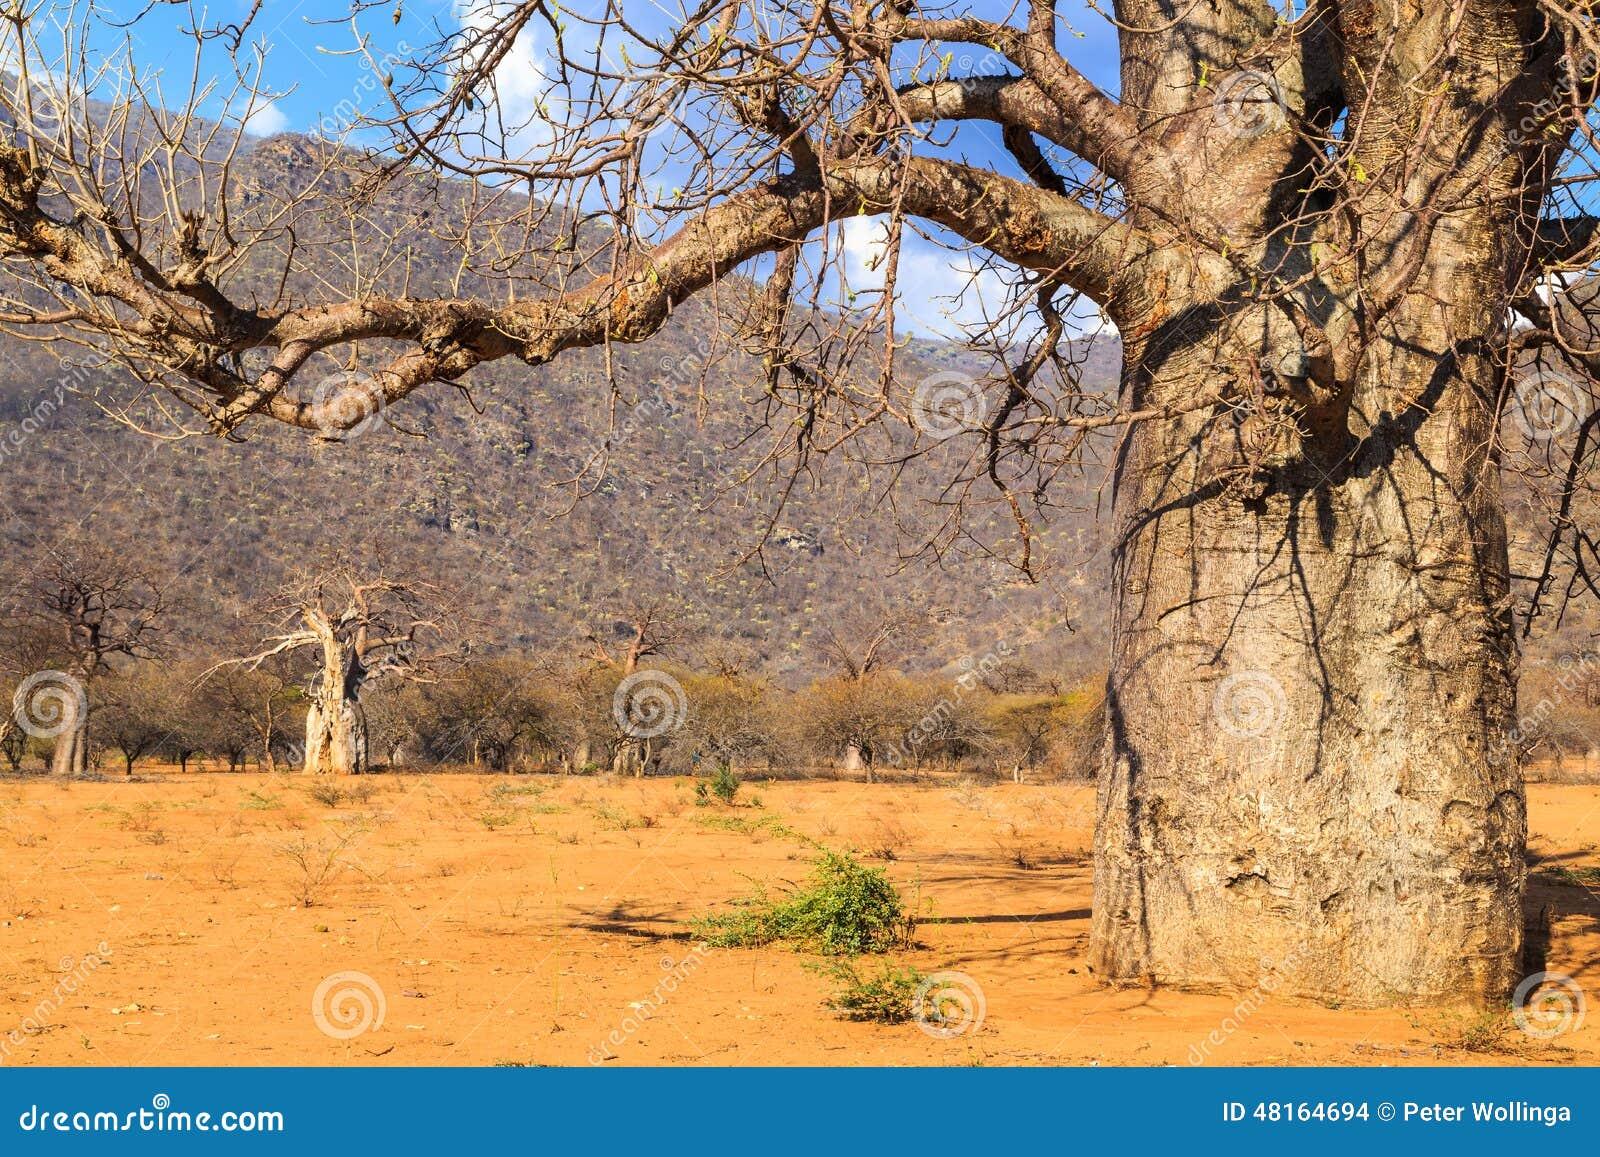 猴面包树树树干在猴面包树森林里